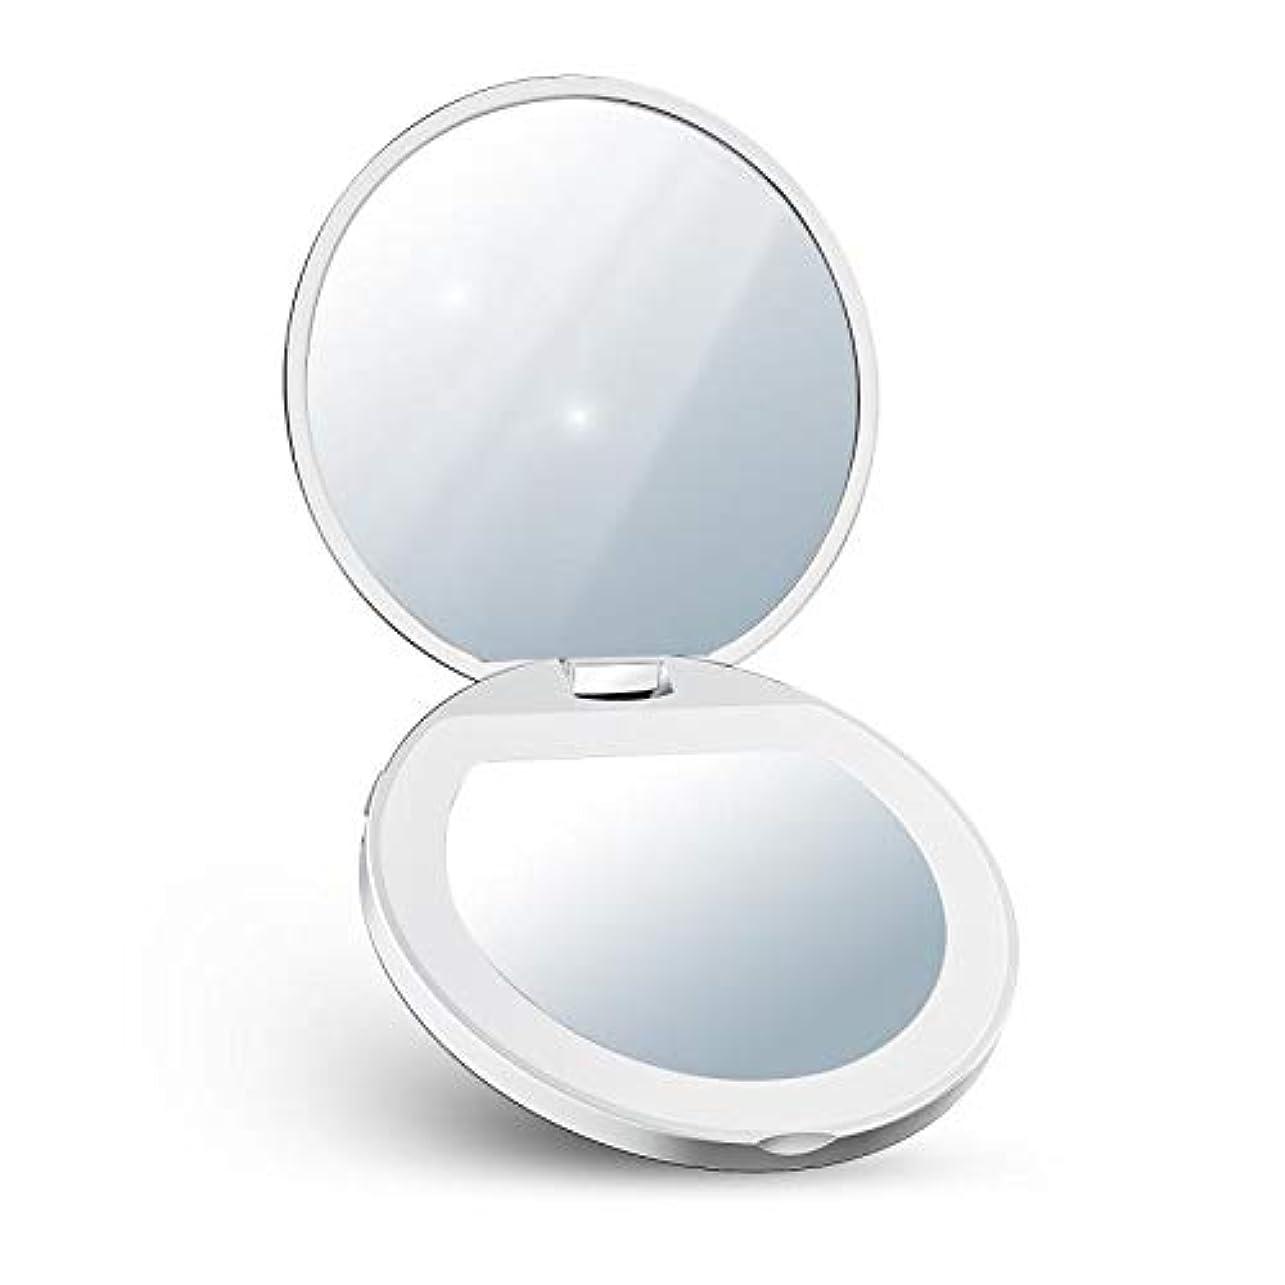 波家畜多数のLED化粧鏡 ミラー 折りたたみ式 手鏡  コンパクト  おしゃれ 外出 旅行用 持ち運び便利 化粧ミラー 2倍拡大鏡付き 両面コンパクト鏡  LEDライト付き 明るさ調節可能 (ホワイト)